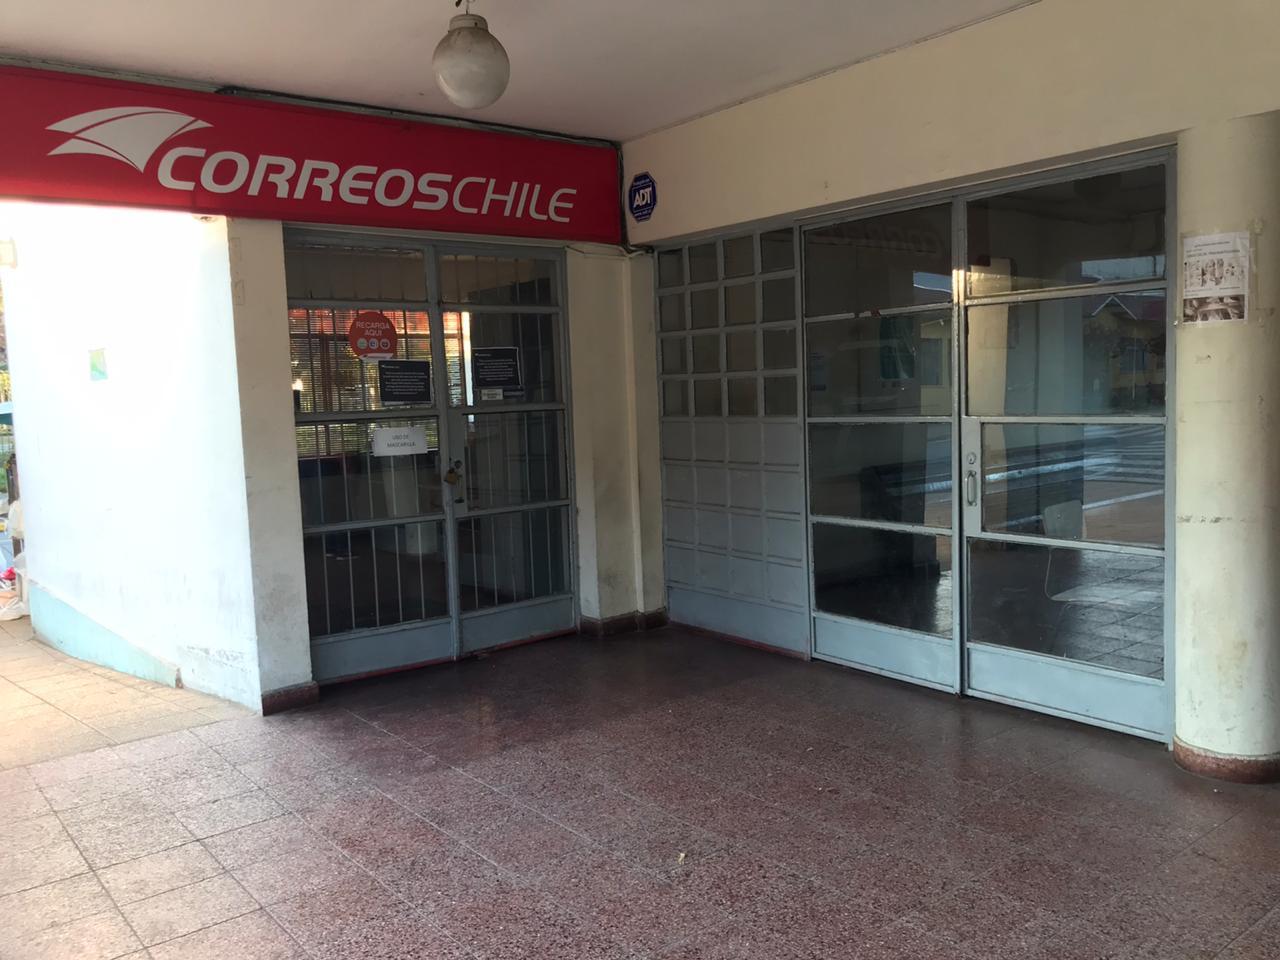 Yumbel se queda sin Correos de Chile: Empresa entregará la administración a una Agencia